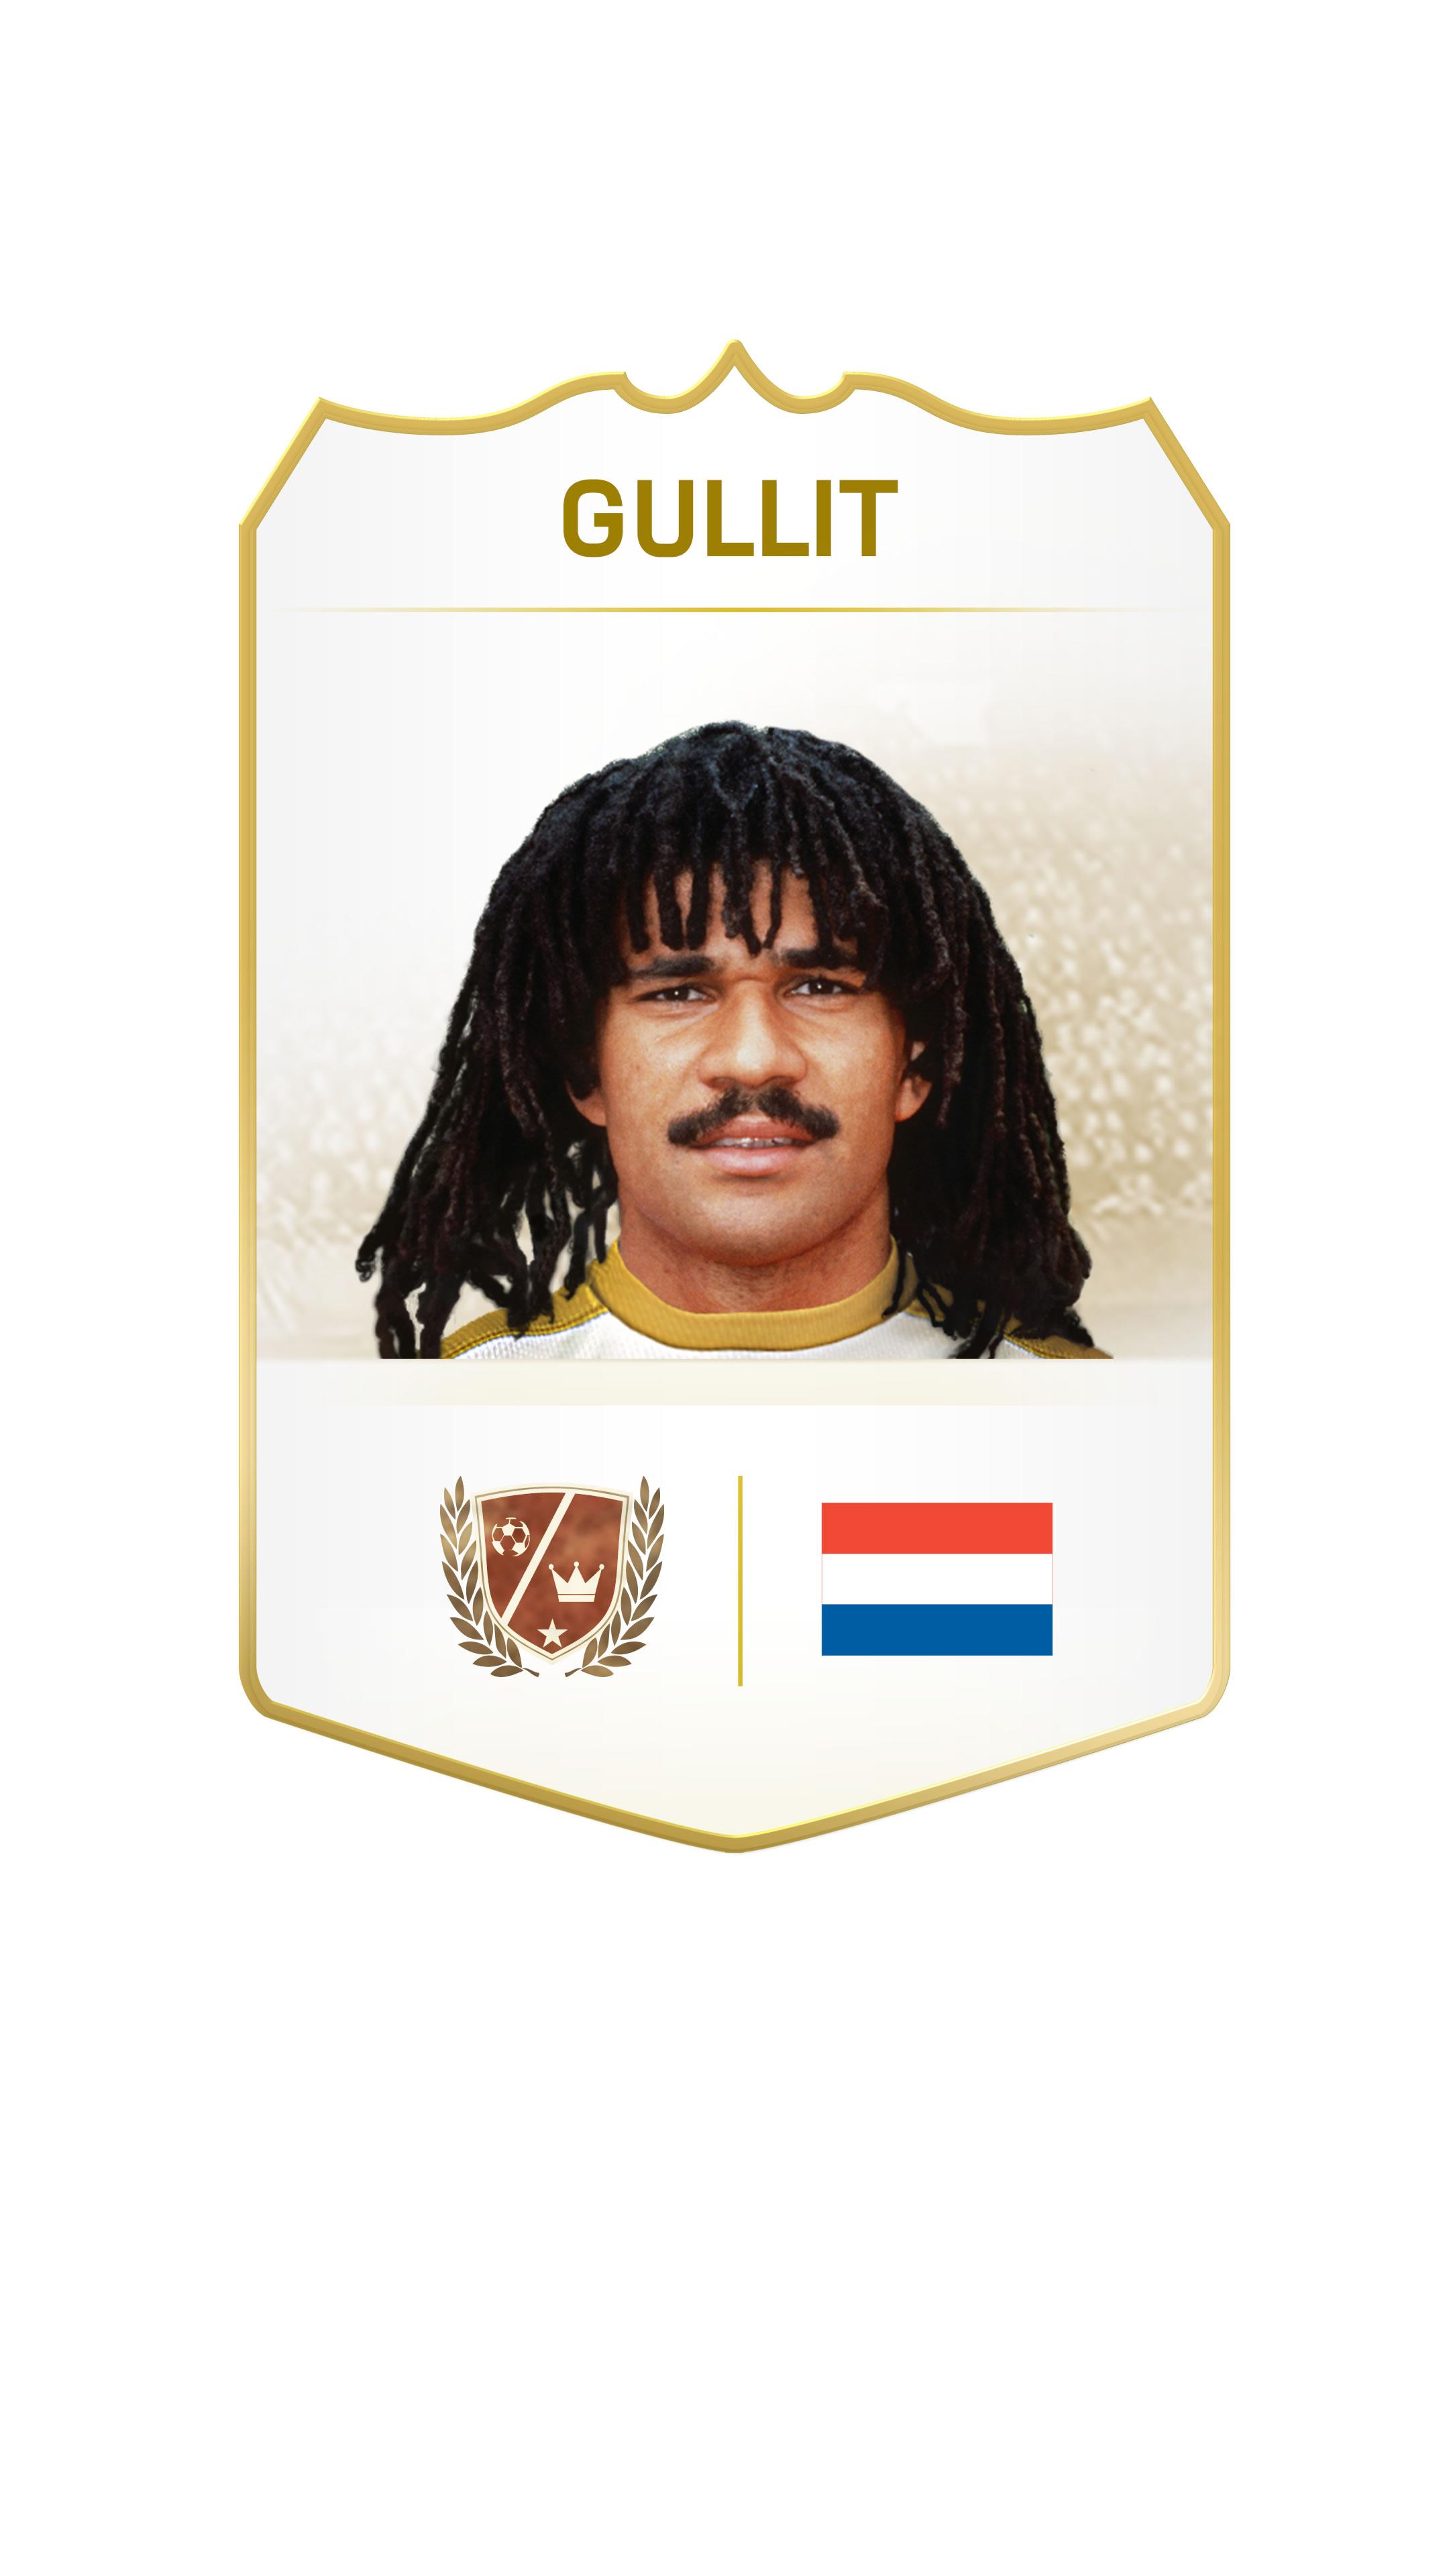 Obrázky z next-gen verze FIFA 14 ukazují FUT Legends a vymazlenější grafiku 89208